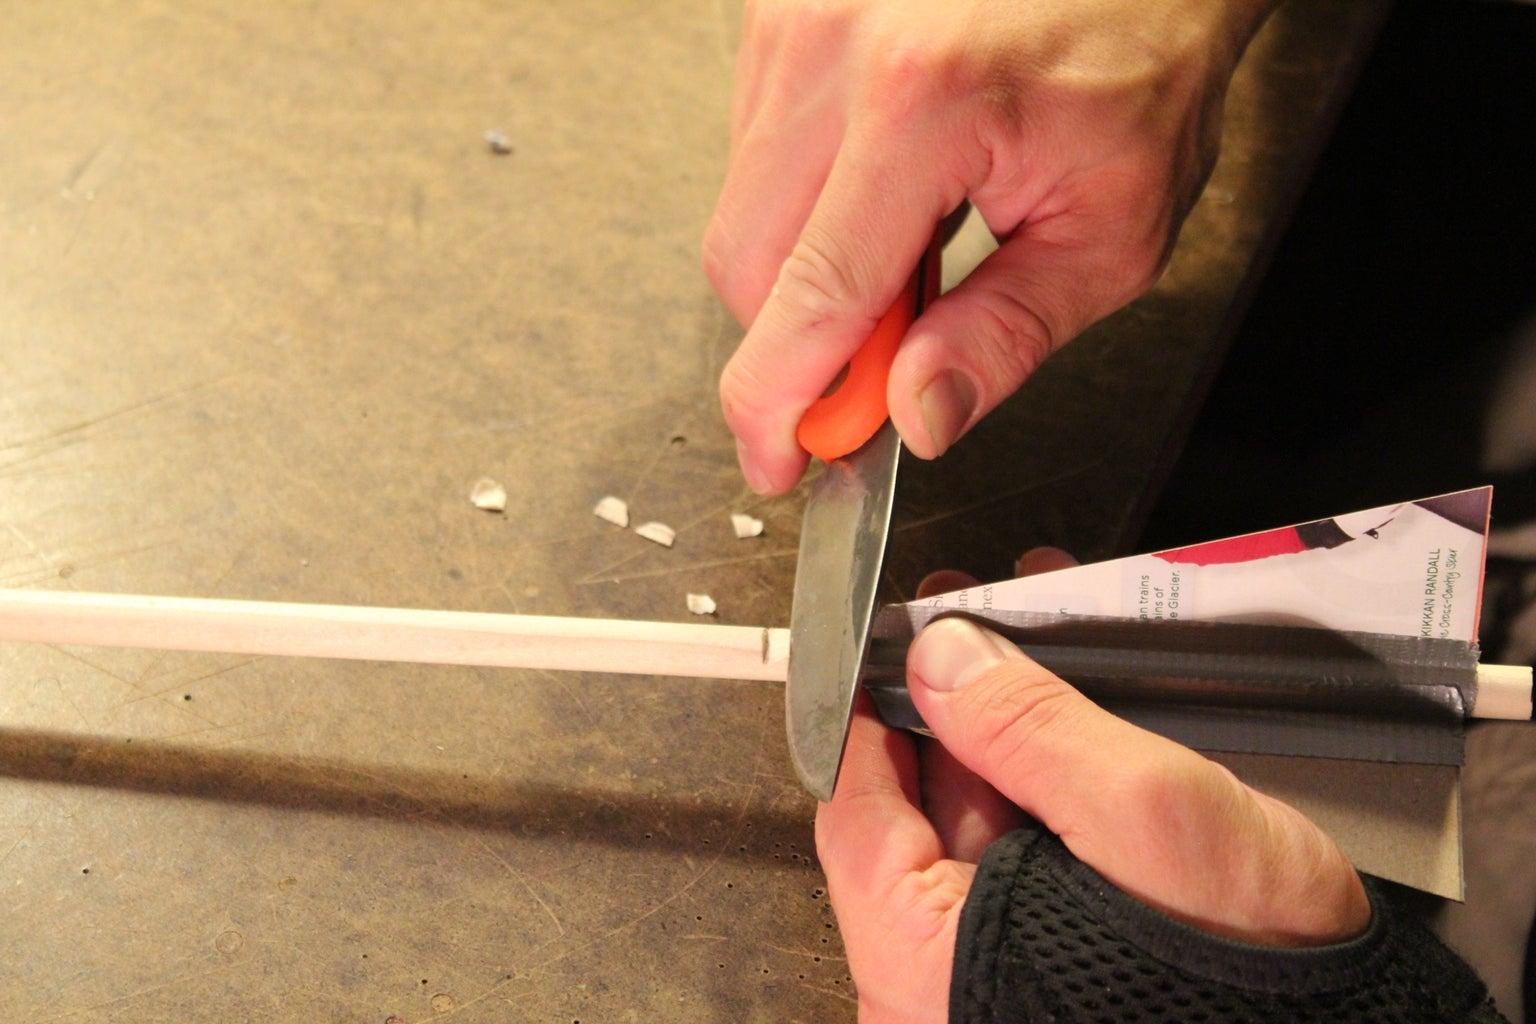 Cutting the Notch